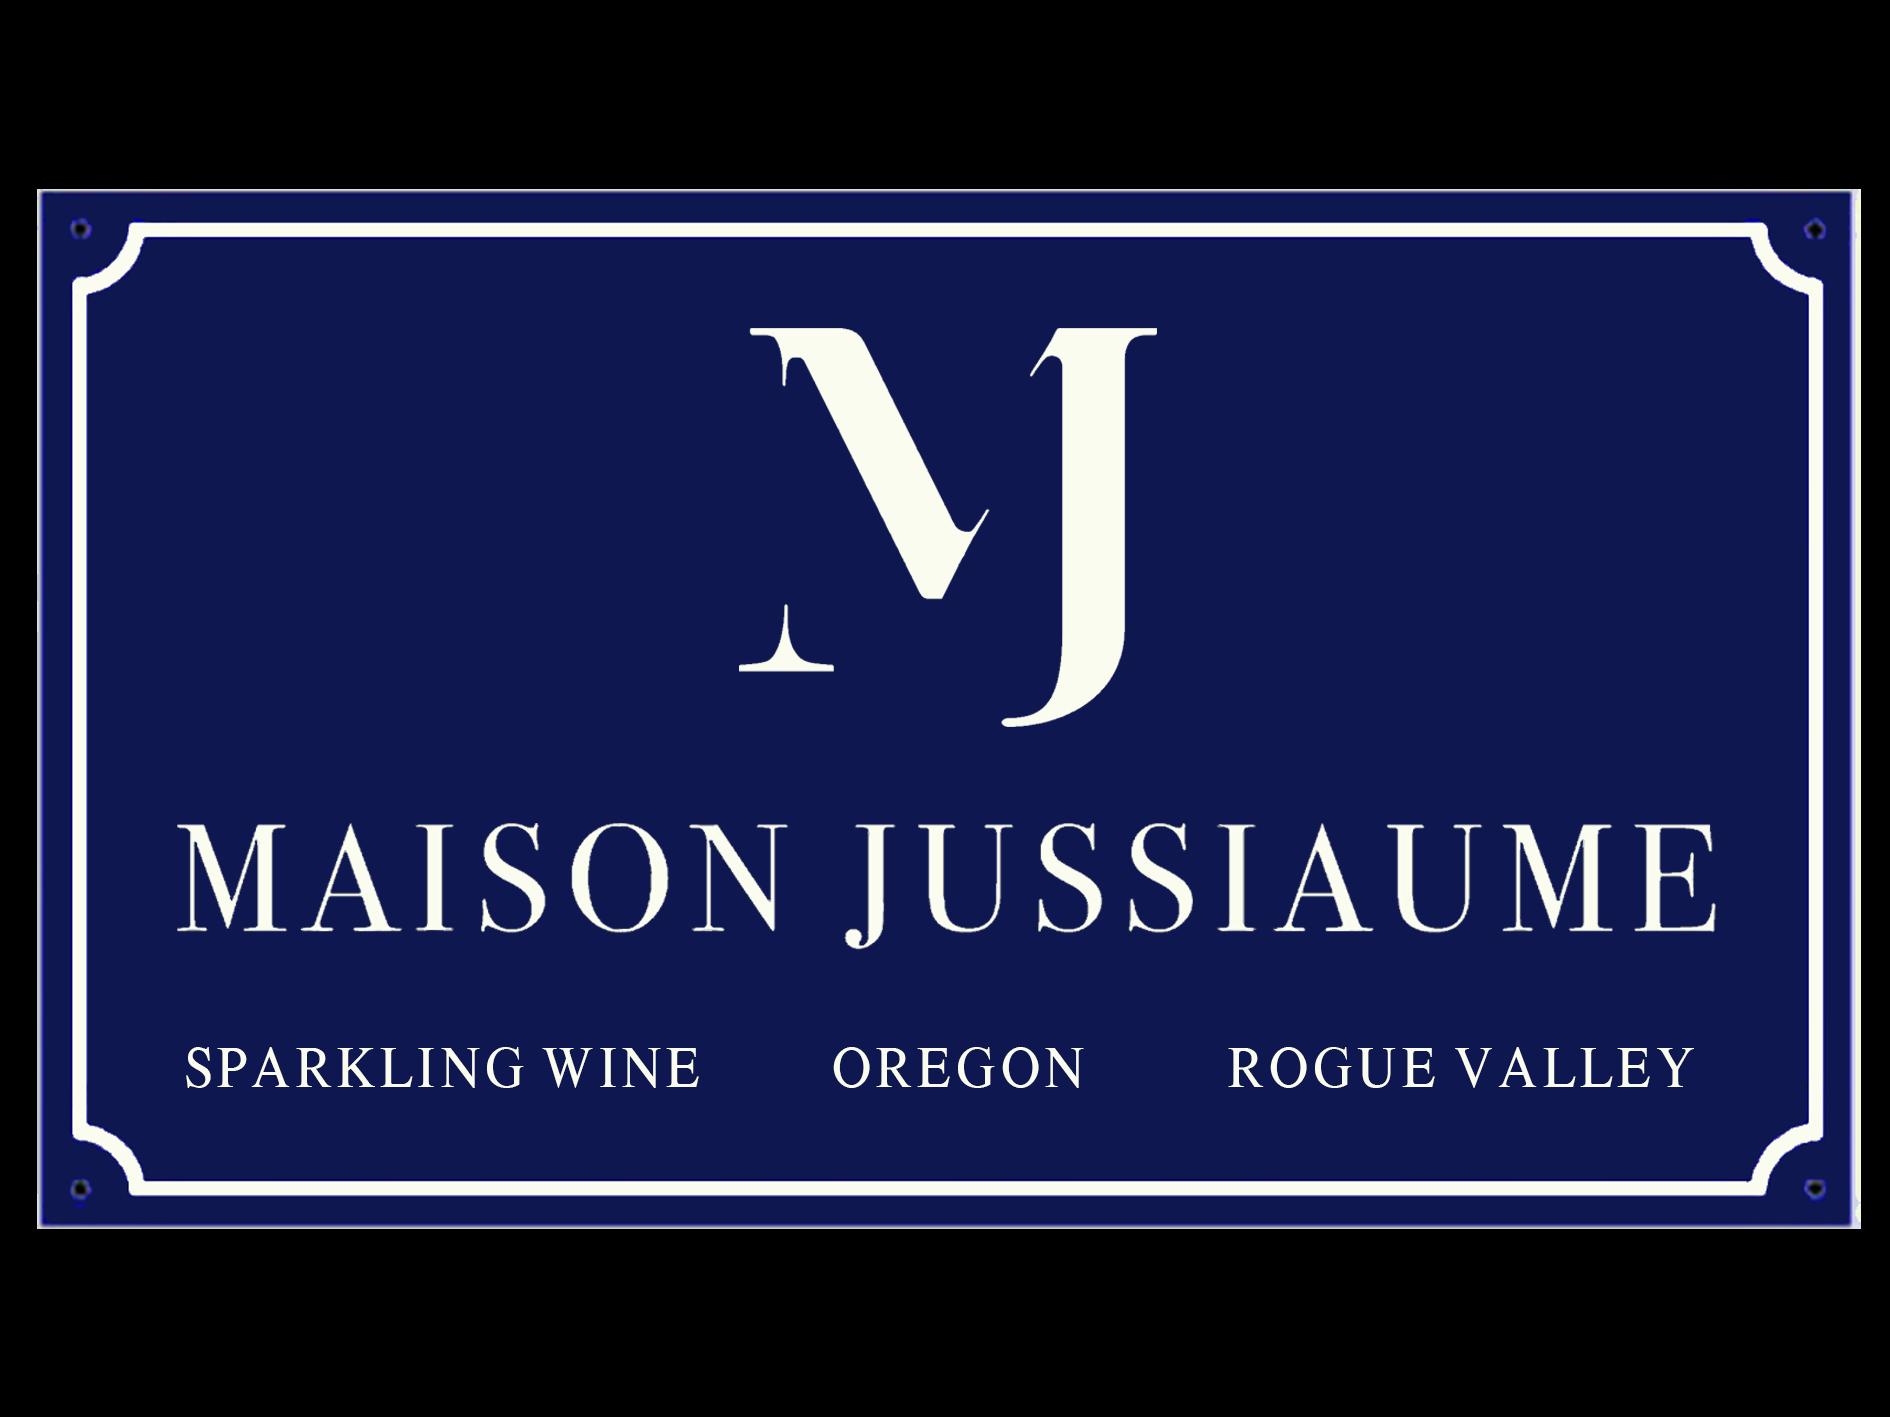 MJ Sparkling blue sign